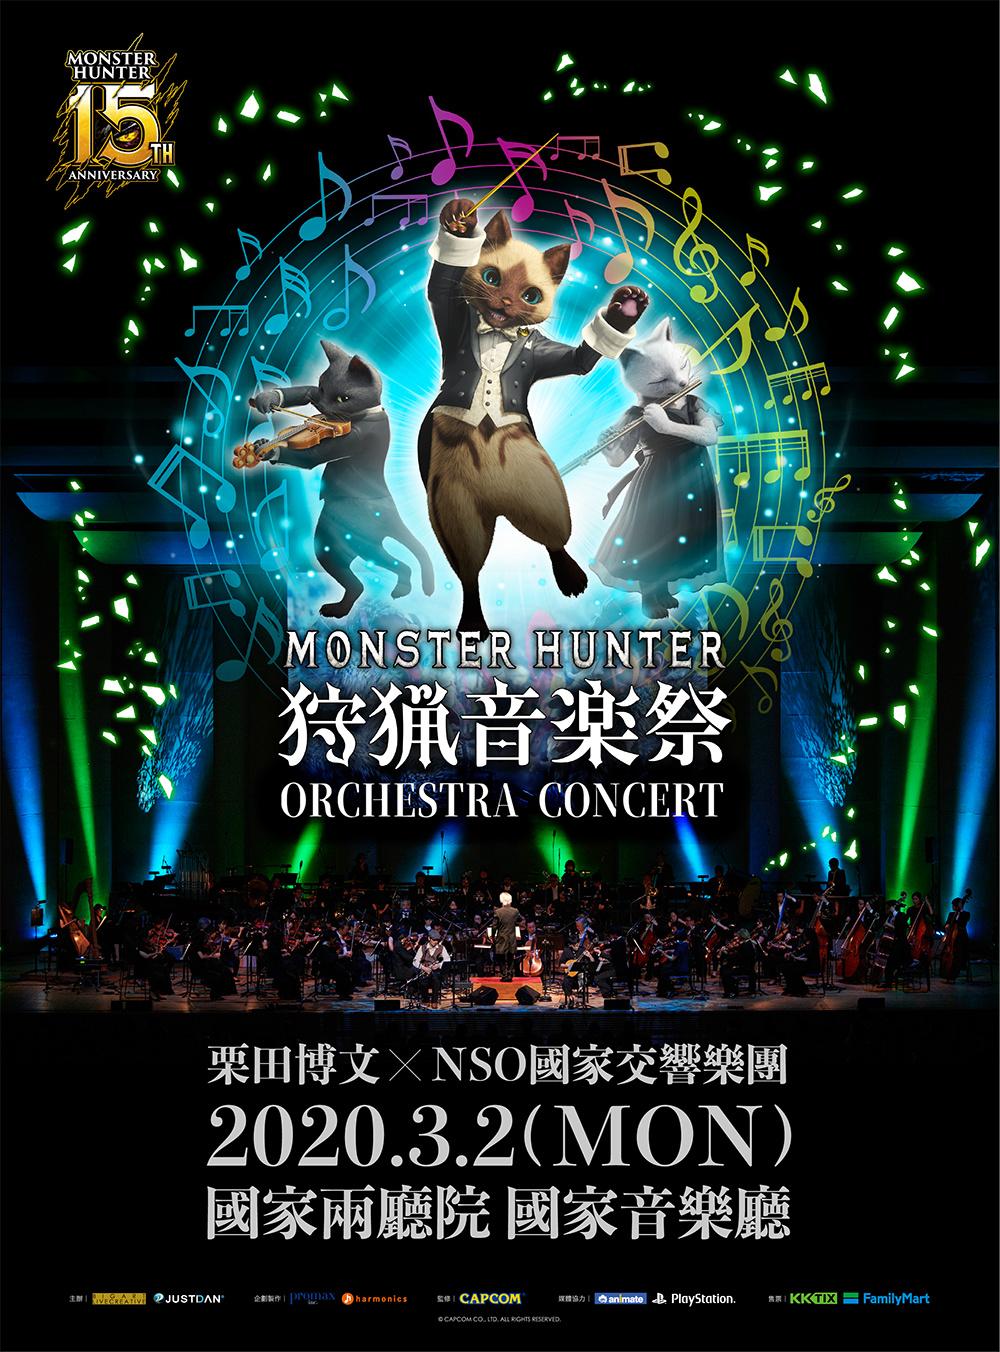 魔物獵人15週年紀念 ORCHESTRA CONCERT〜狩獵音樂祭〜即將再度來台! Mhuaei10